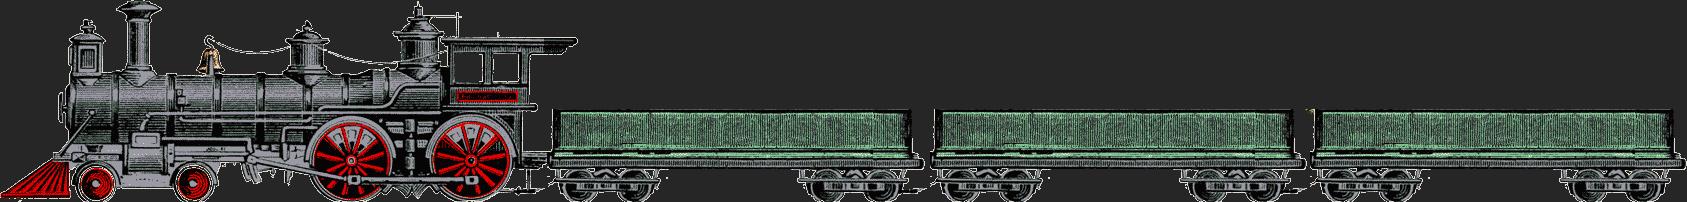 Tren derecha